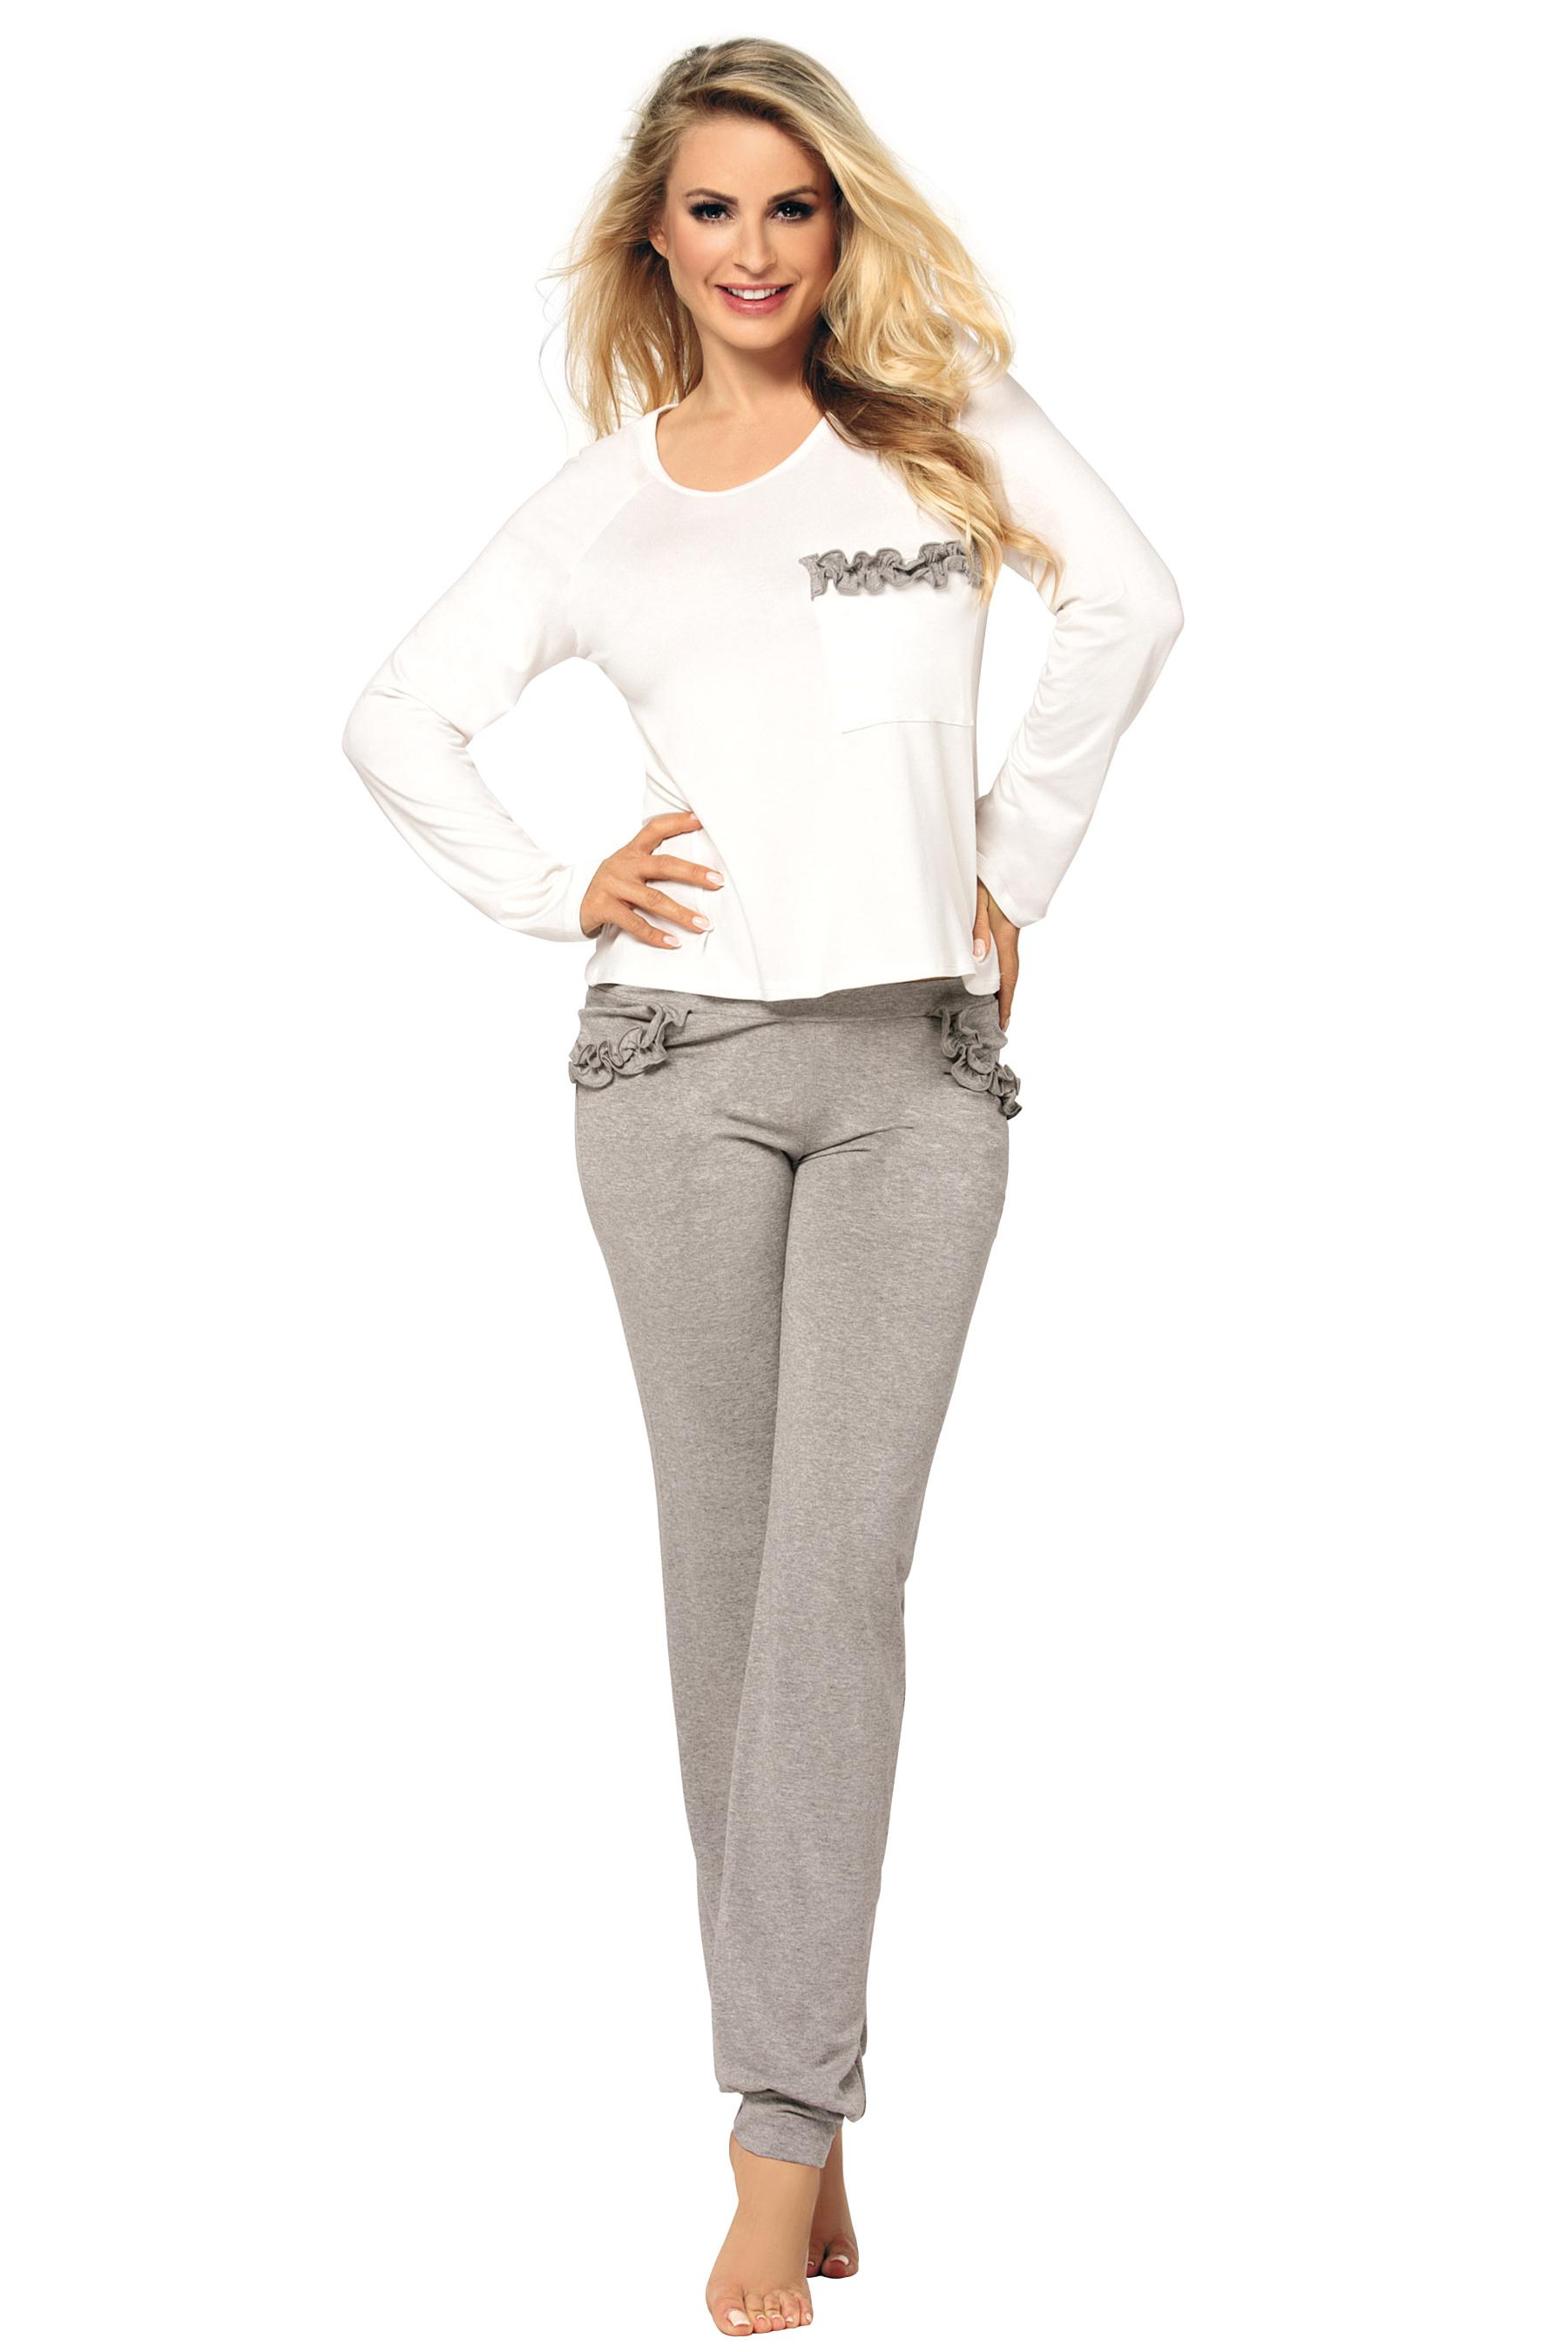 24a8d9598b04 Dámské bílošedé pyžamo Malwine dlouhé z viskózy